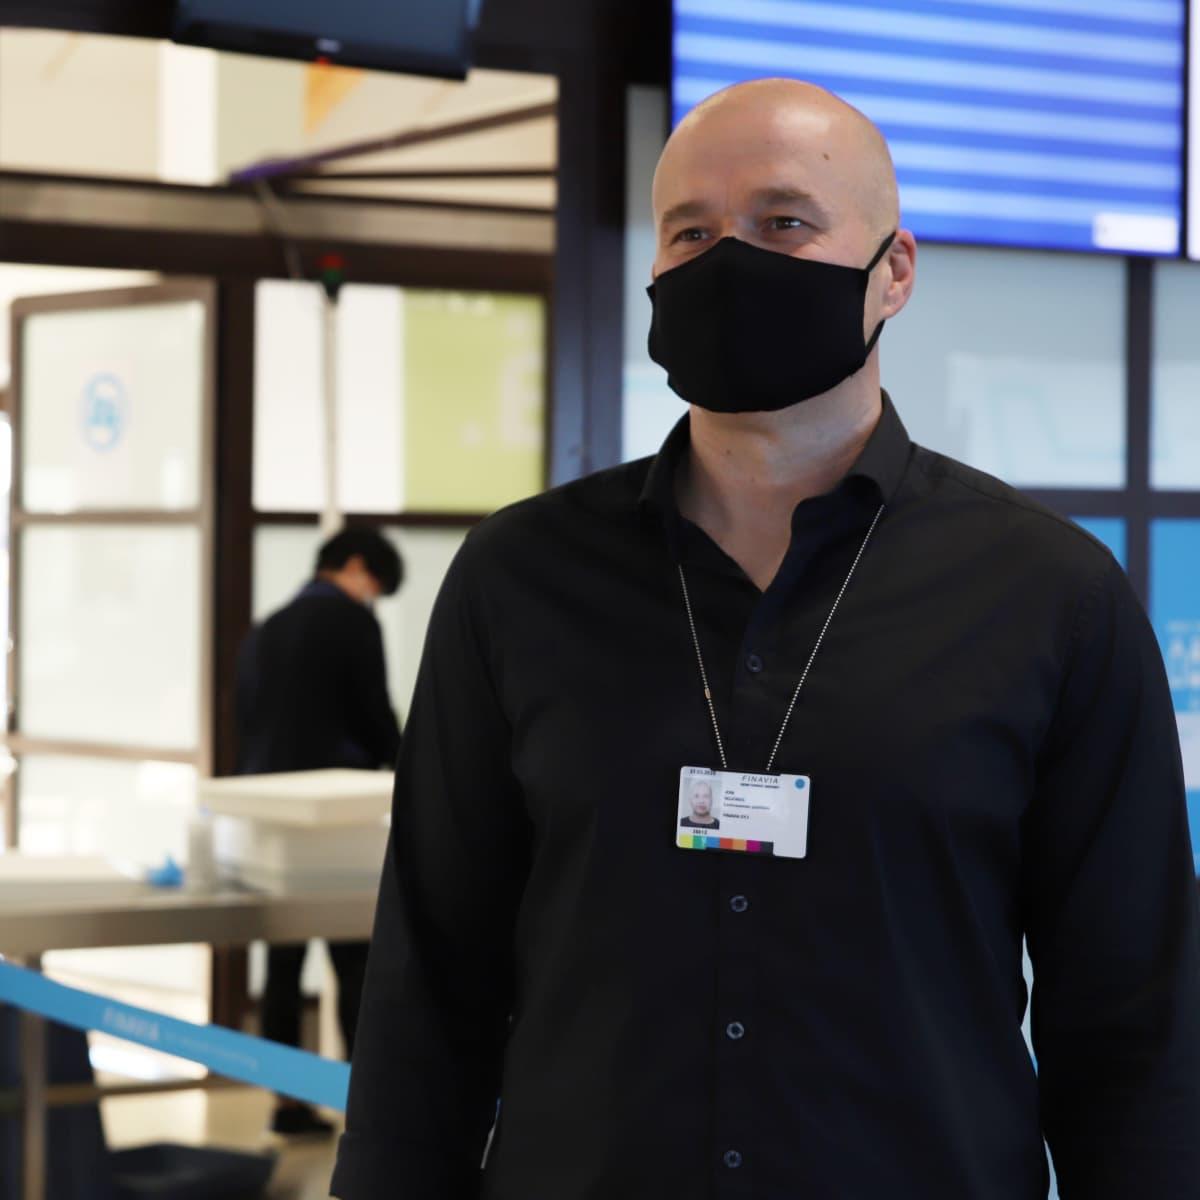 Kemi-Tornion lentoaseman päällikkö Joni Nojonen